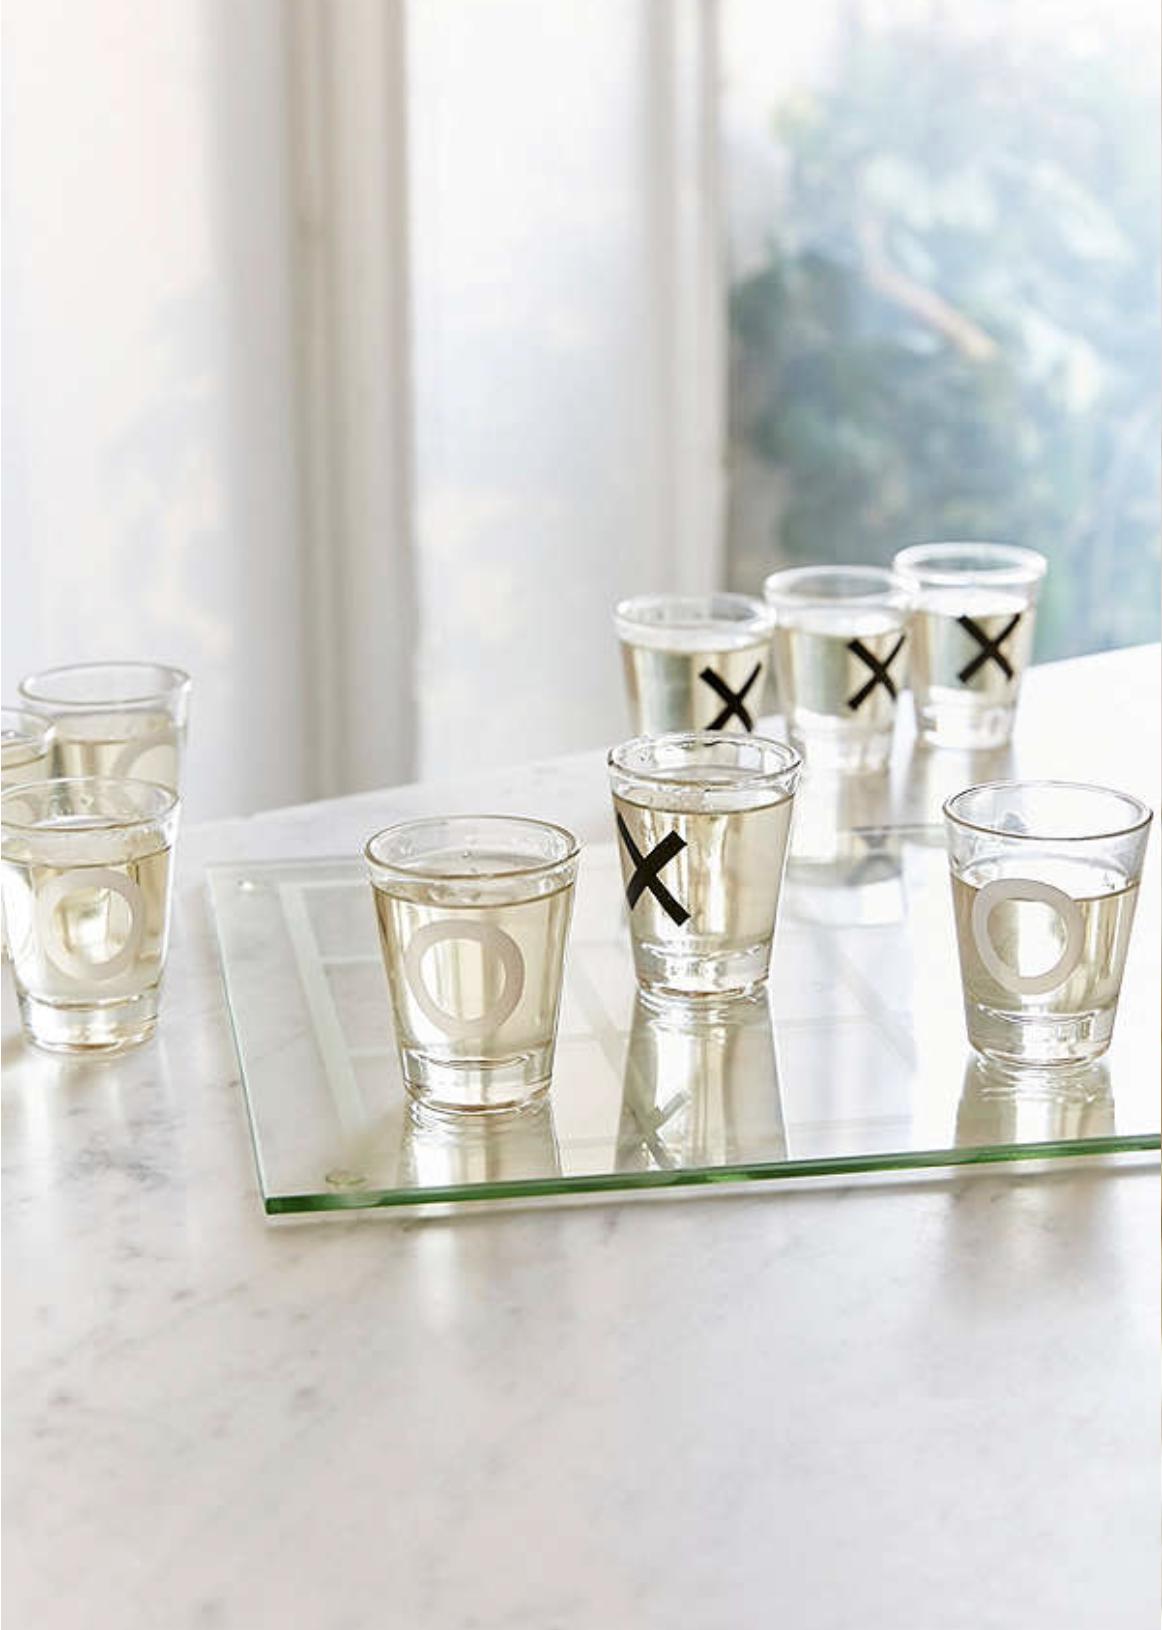 Tic-Tac-Toe Shot Glass Set